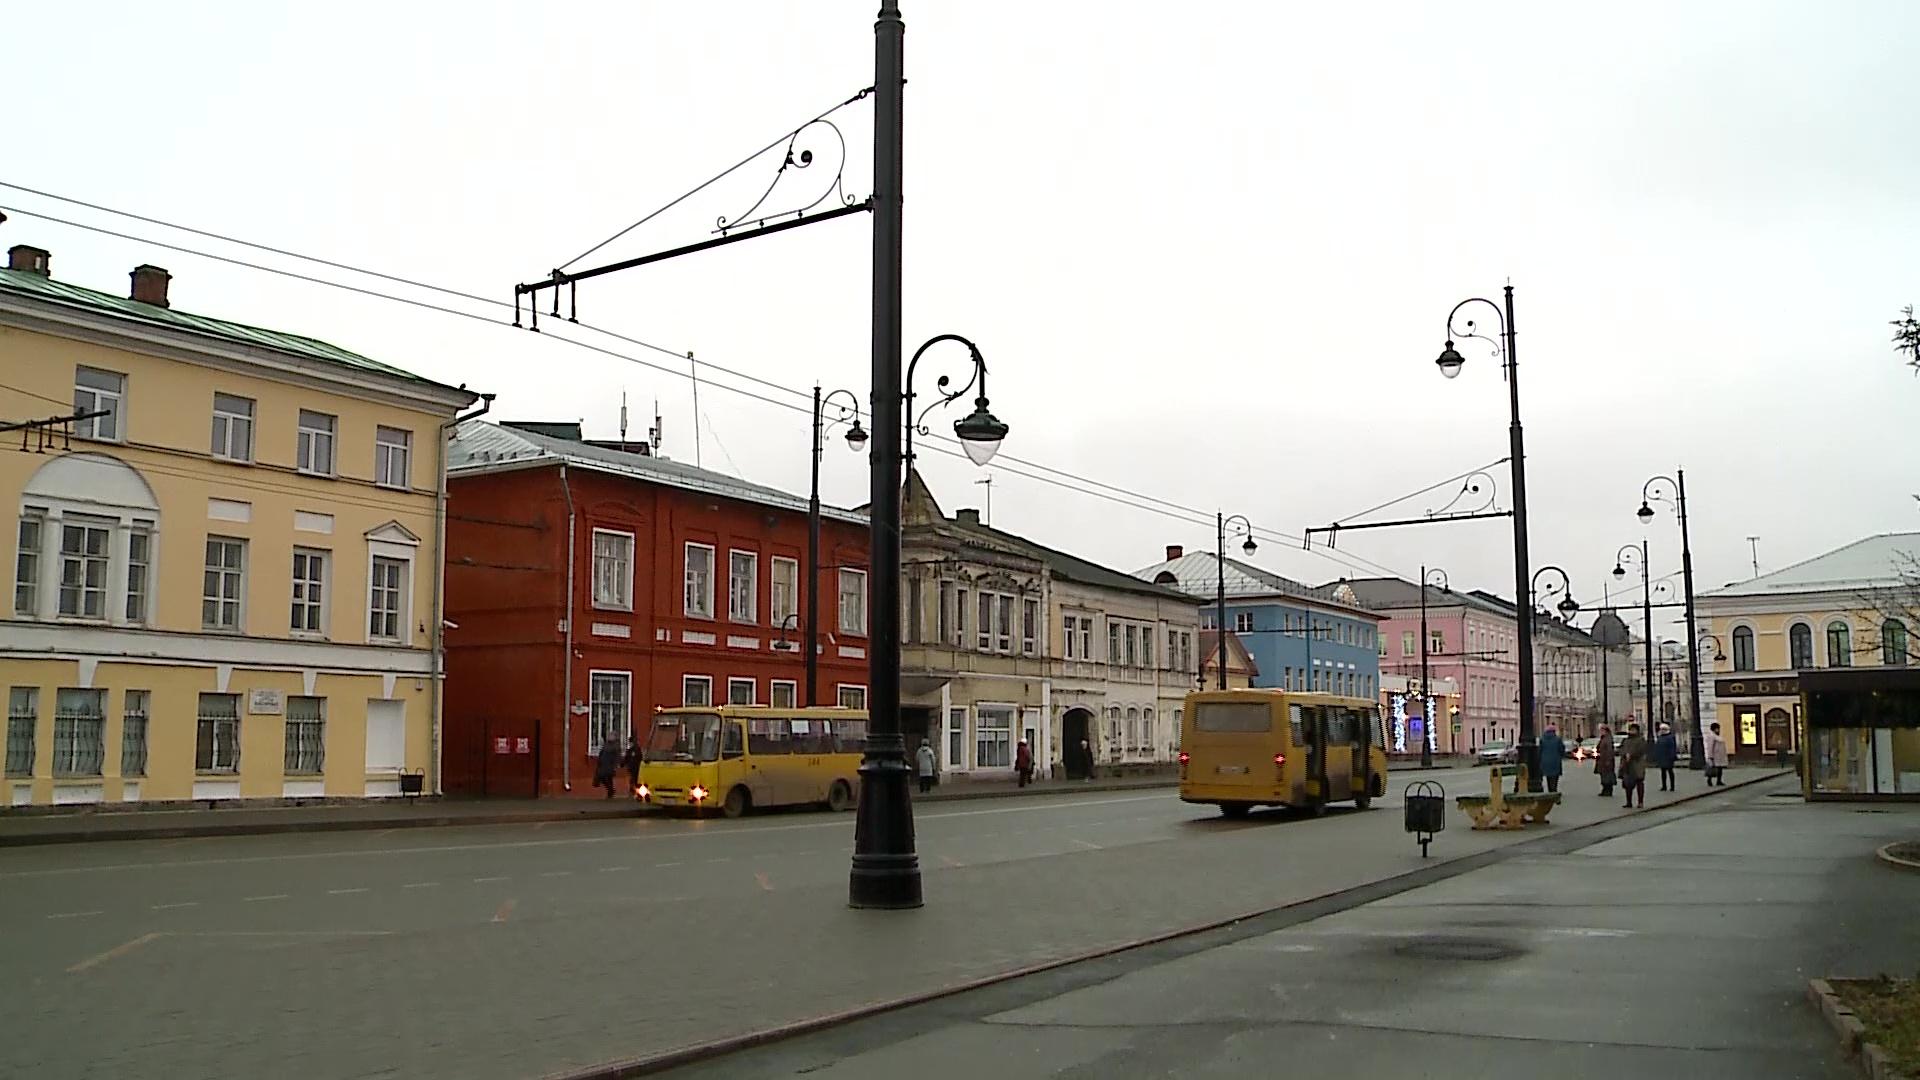 Стало известно, какие дворы благоустроят в Рыбинске в 2021 году: адреса